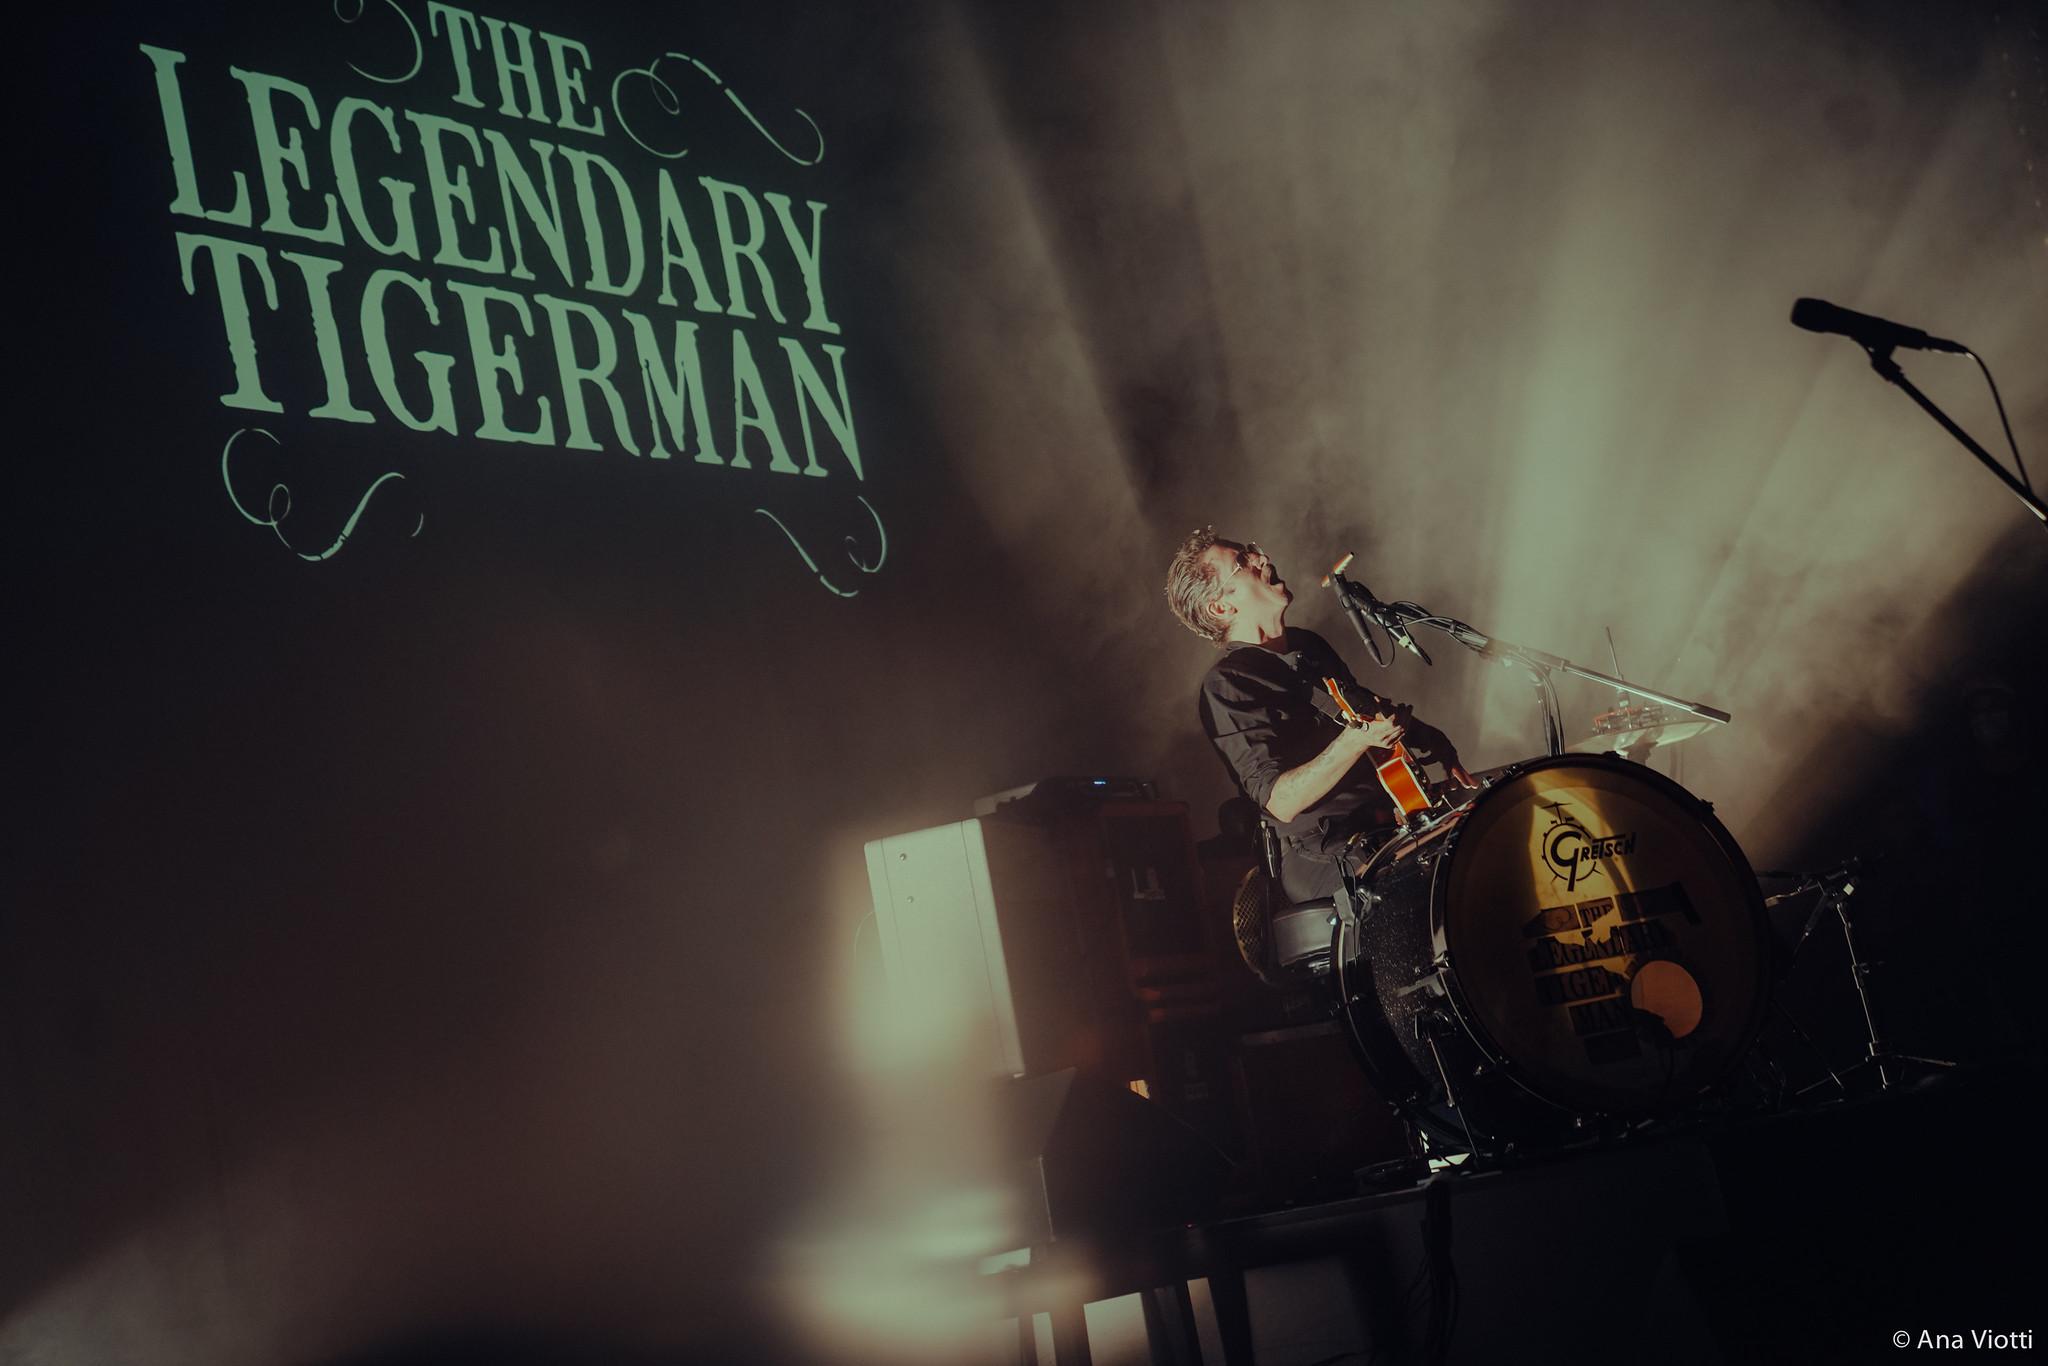 The Legendary Tigerman (one man band) com João Cabrita | Takeover #1 – Musicbox no São Luiz